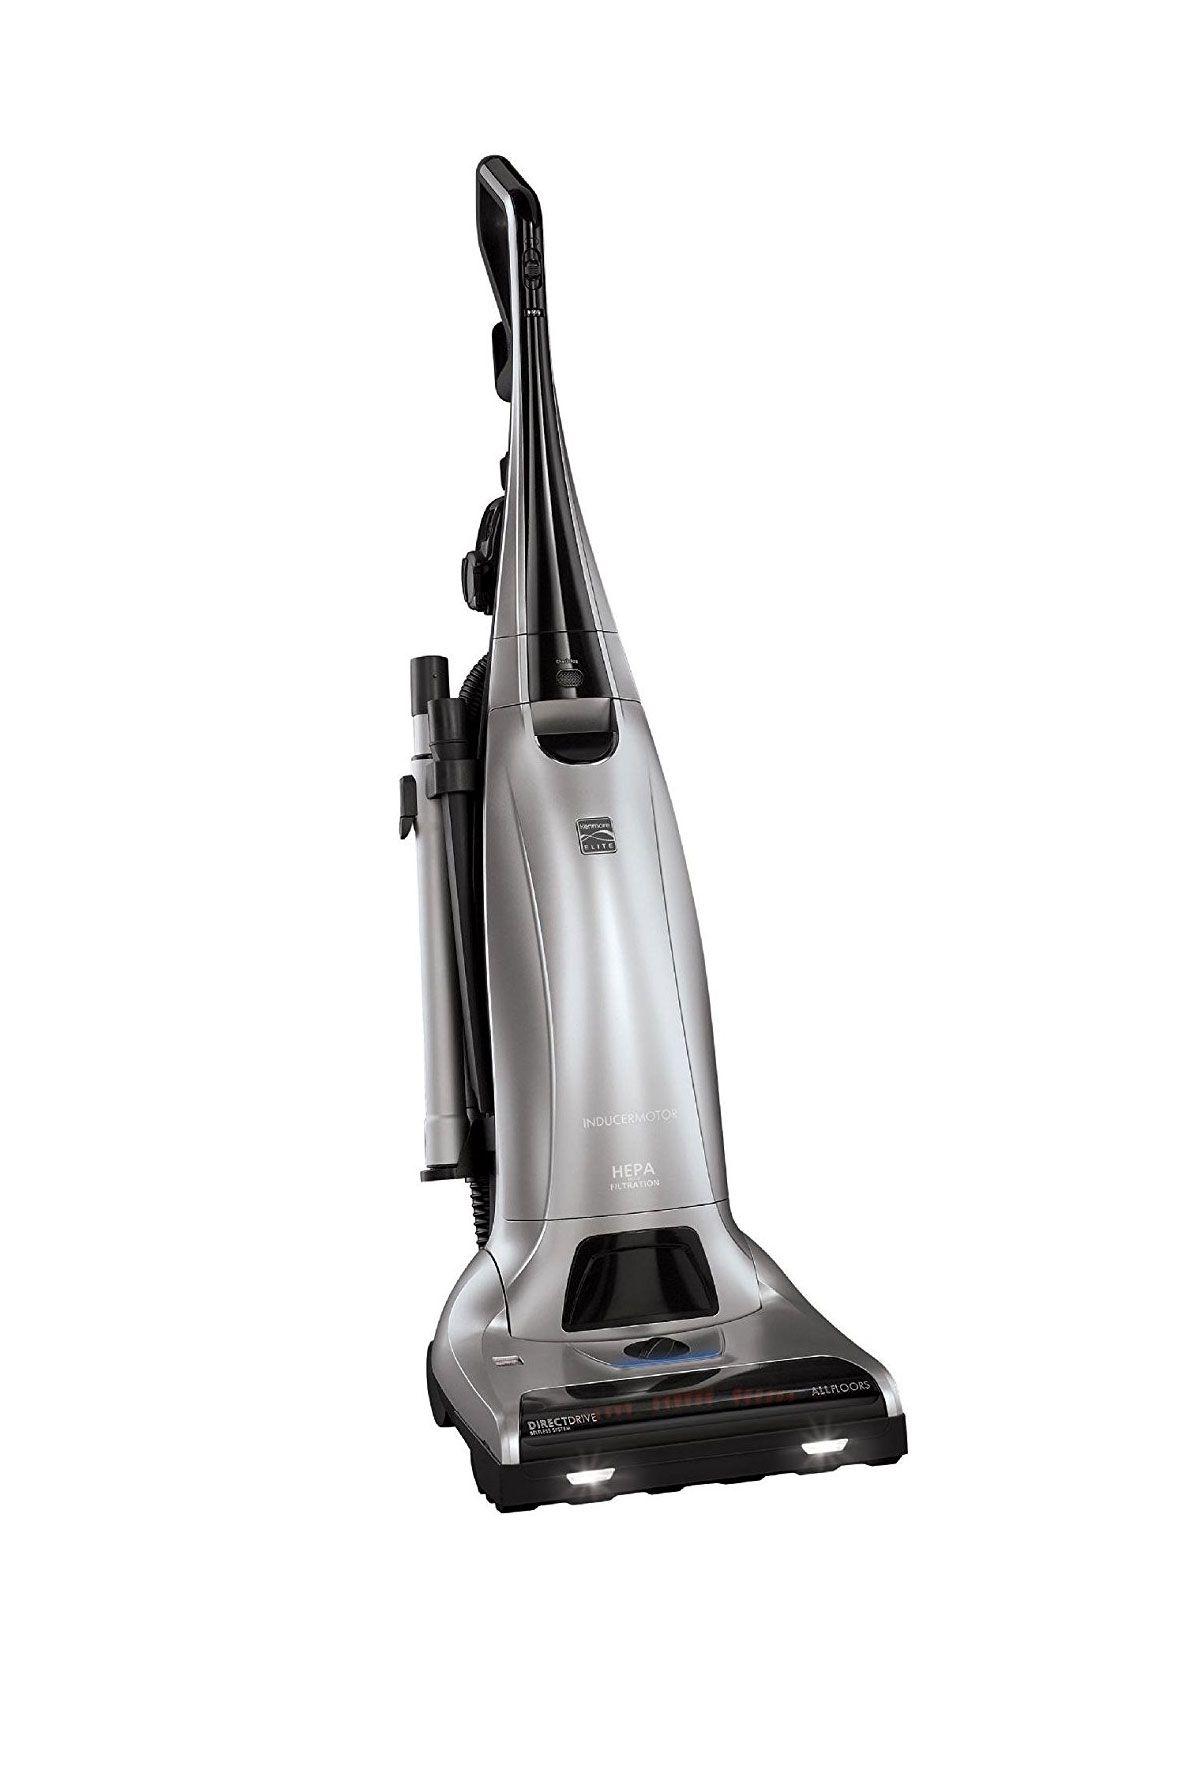 12 Best Vacuum Cleaner Reviews 2018